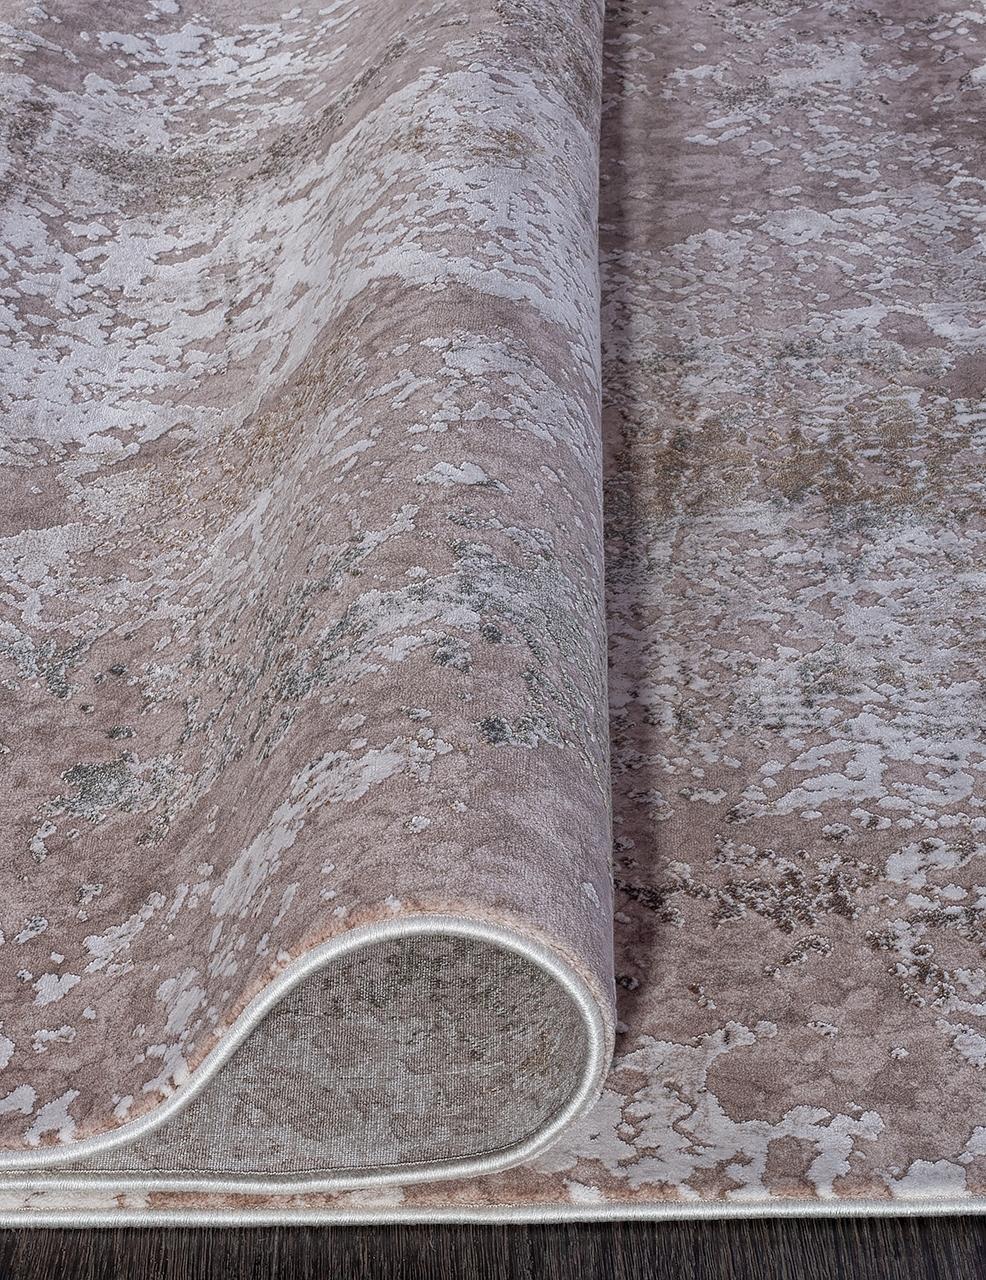 Ковер 19169 - 070 BEIGE - Прямоугольник - коллекция CREANTE - фото 3